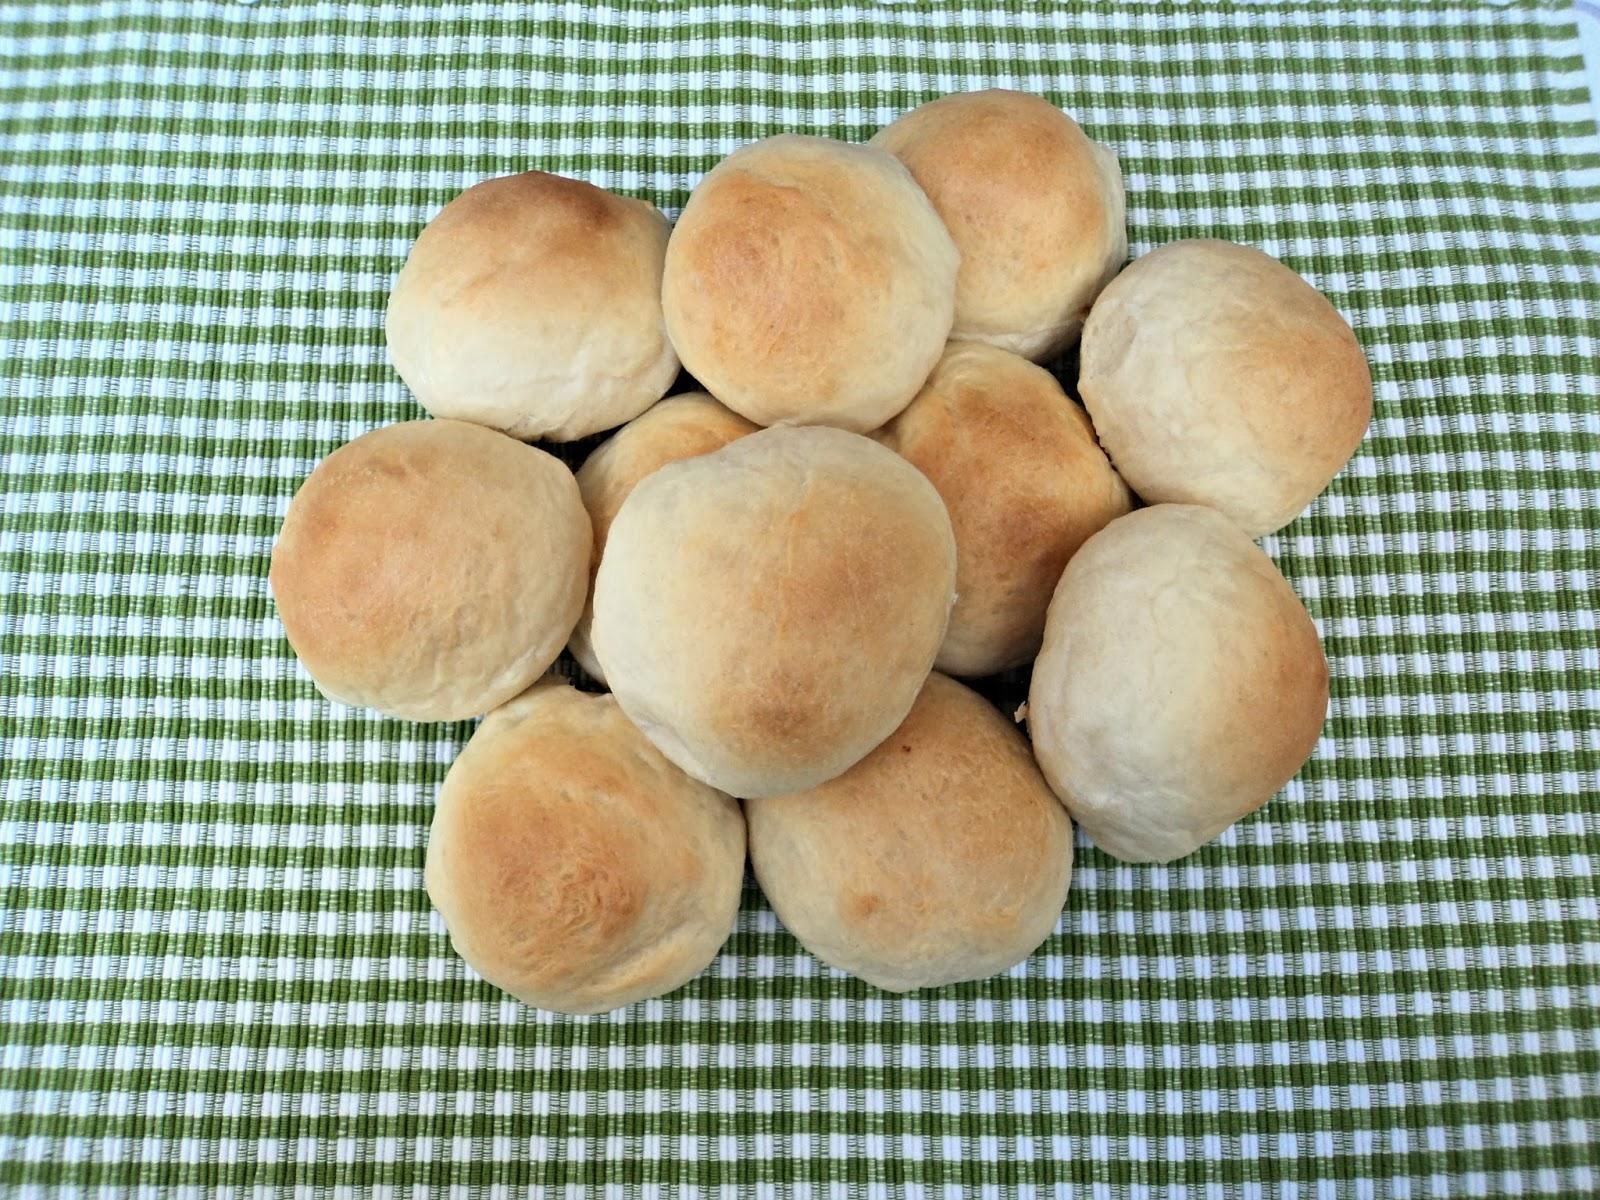 receta casera bollitos, pan, leche avena